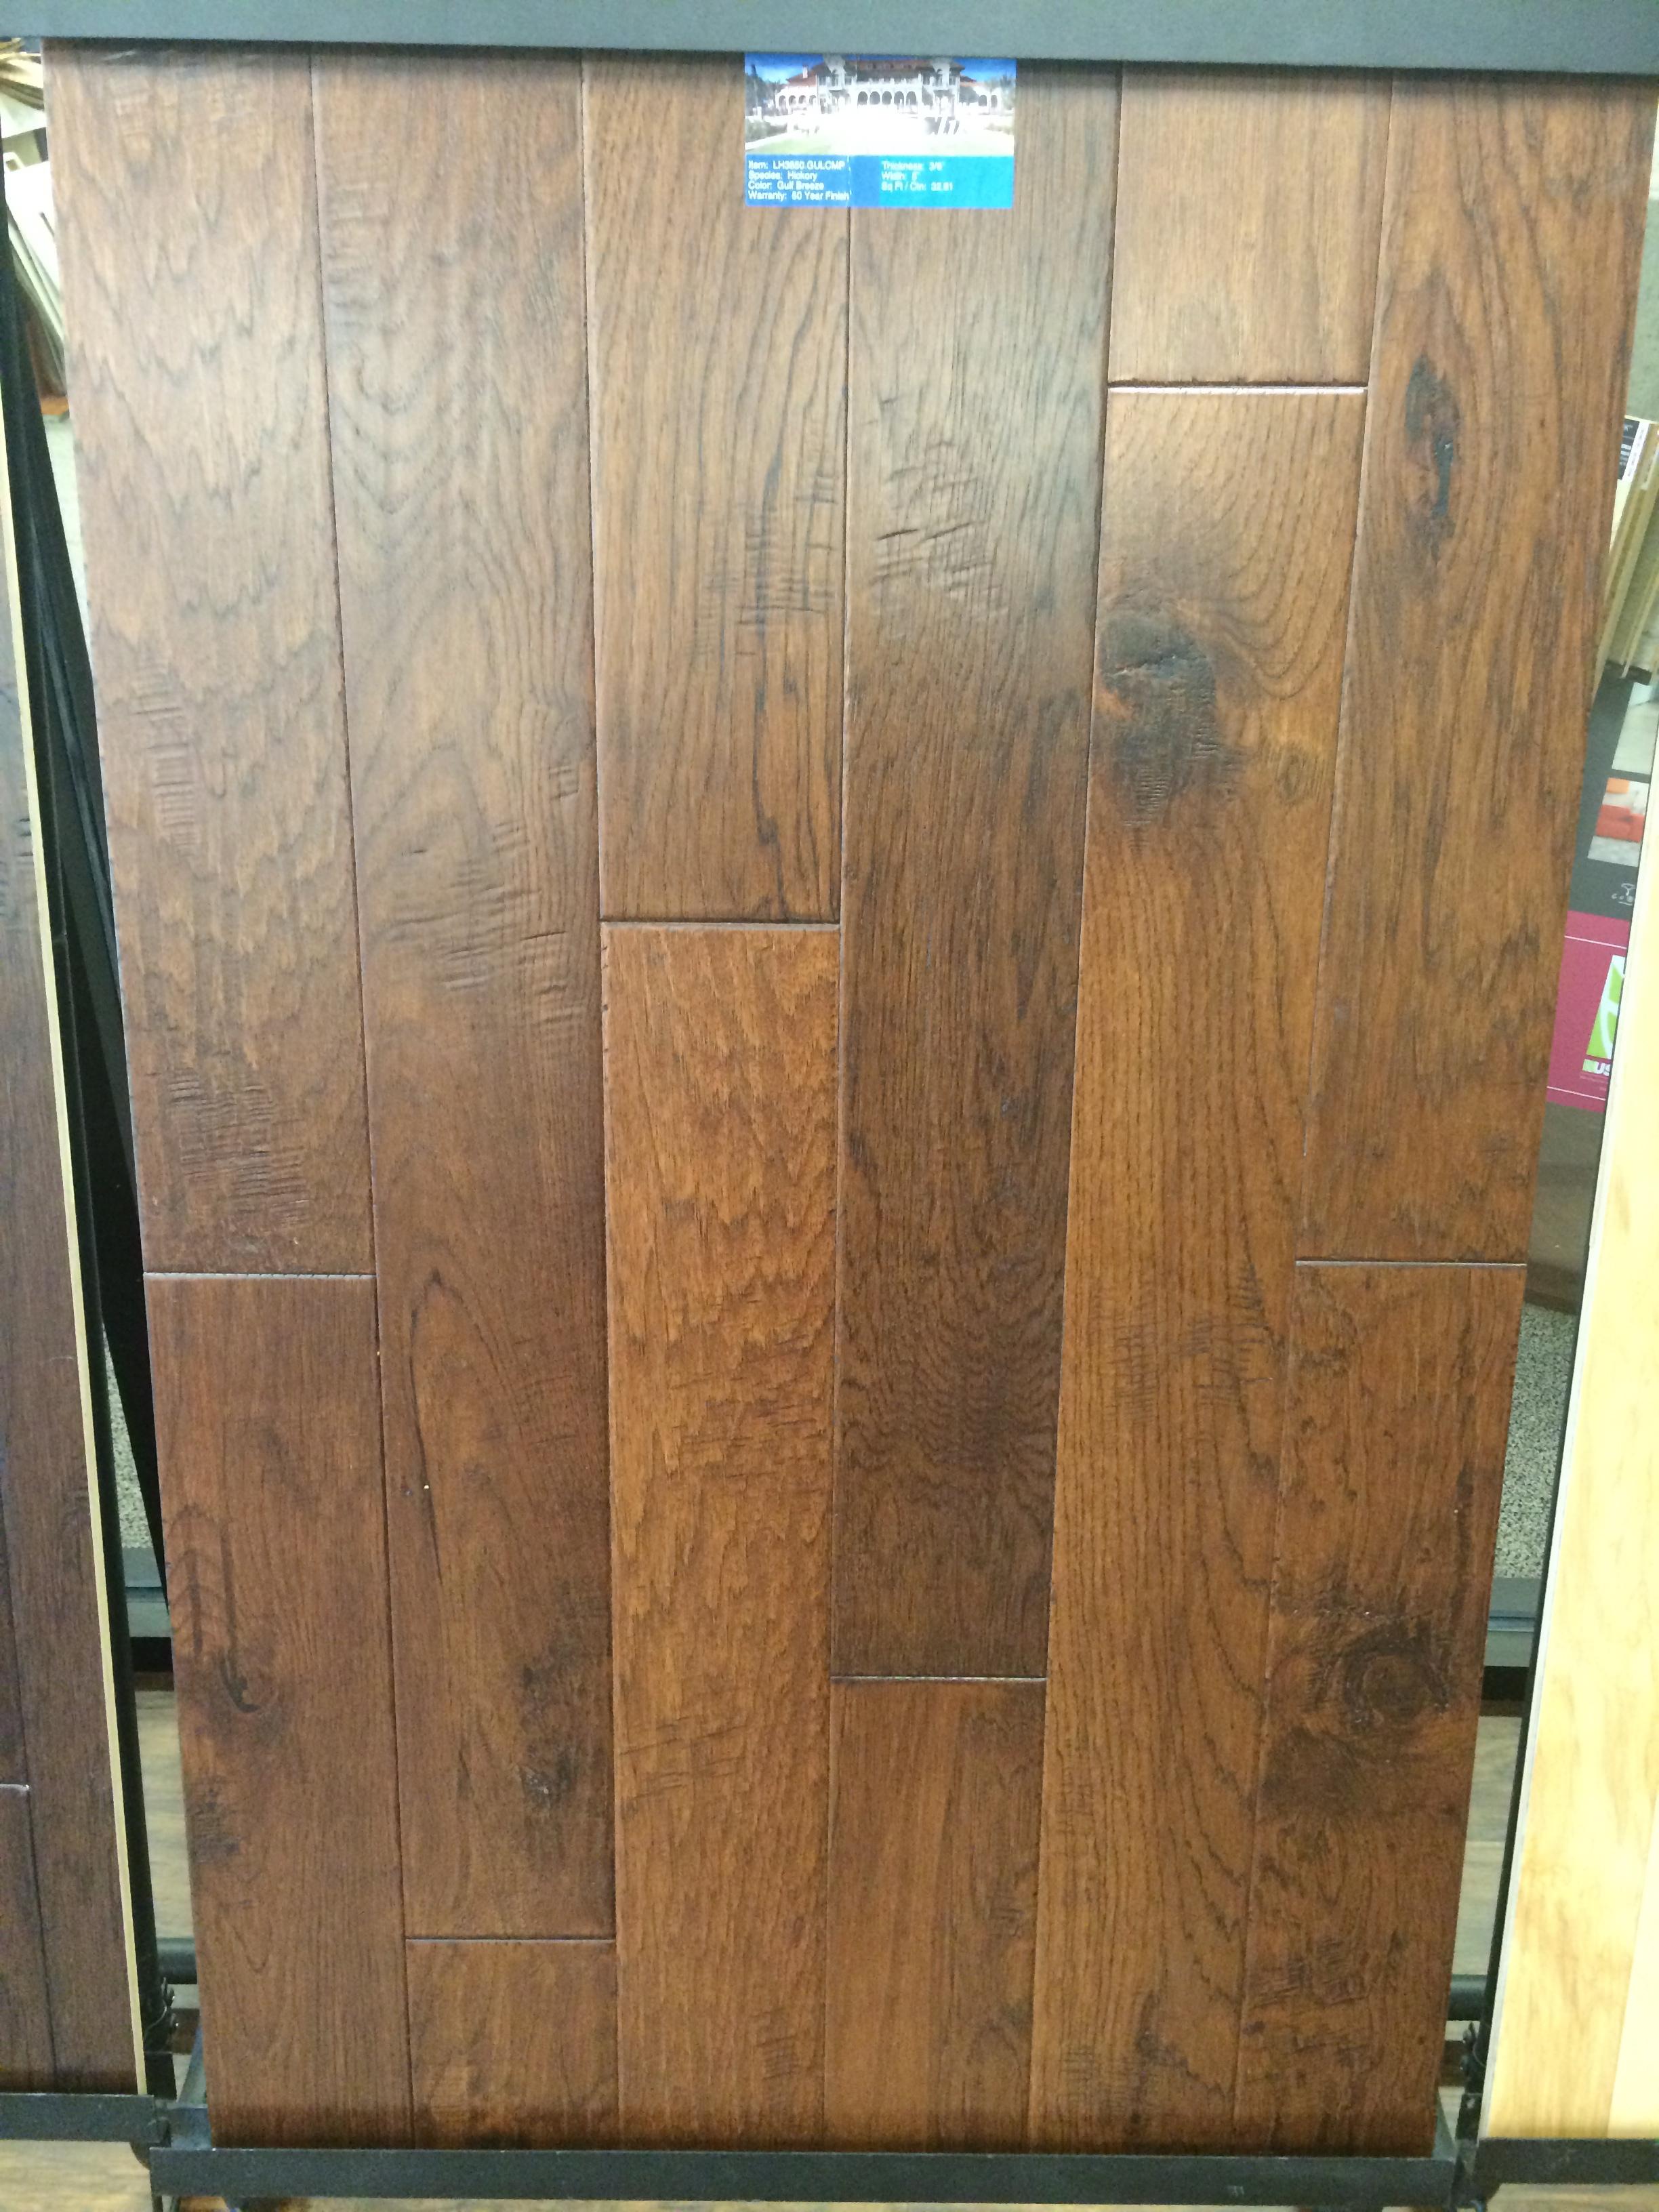 Hardwood floors installationinstallersHardwood Floors